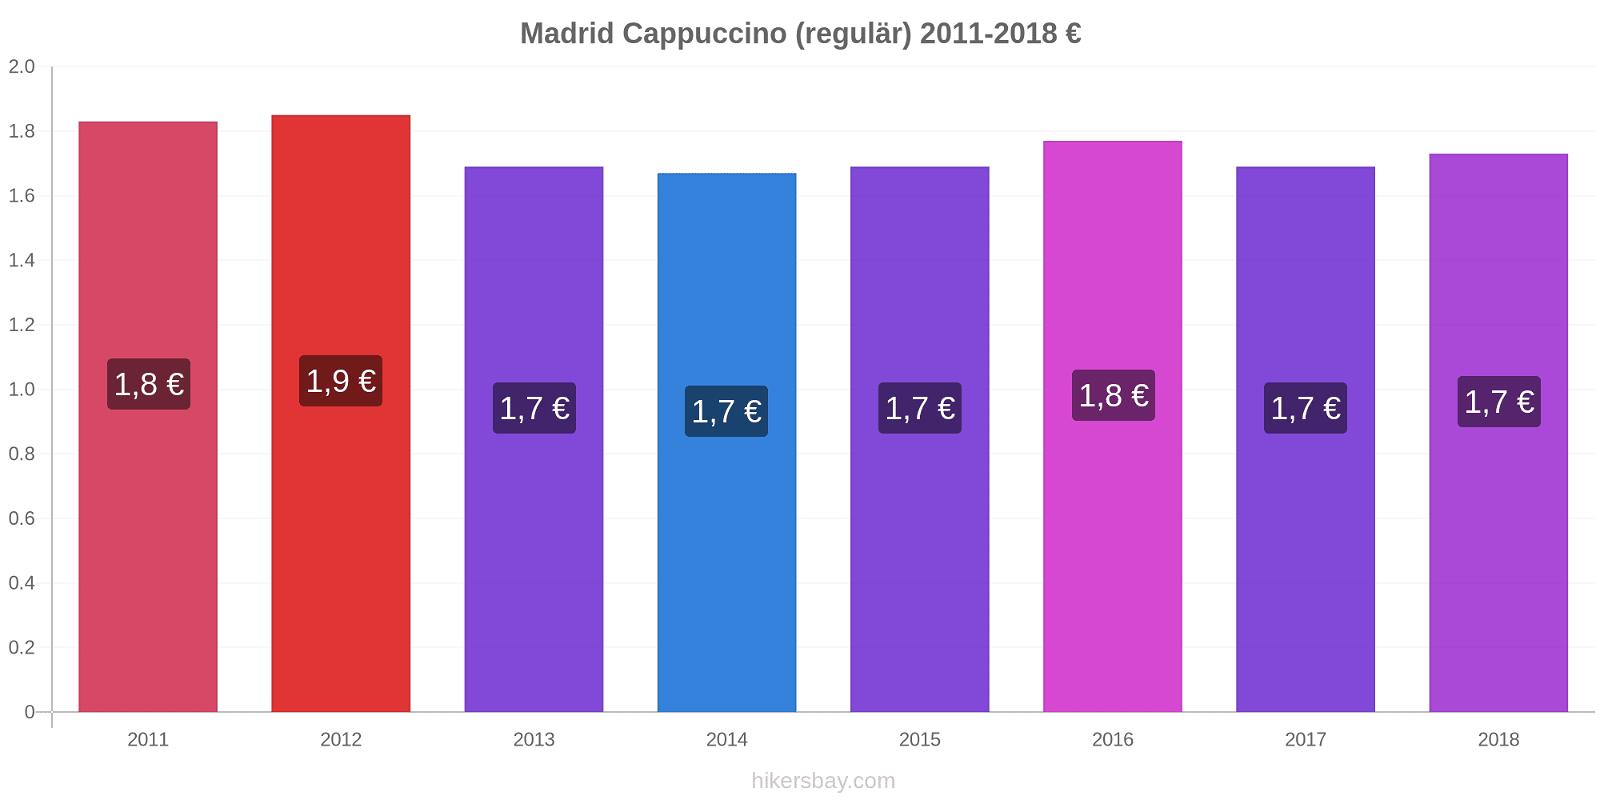 Madrid Preisänderungen Cappuccino (regulär) hikersbay.com